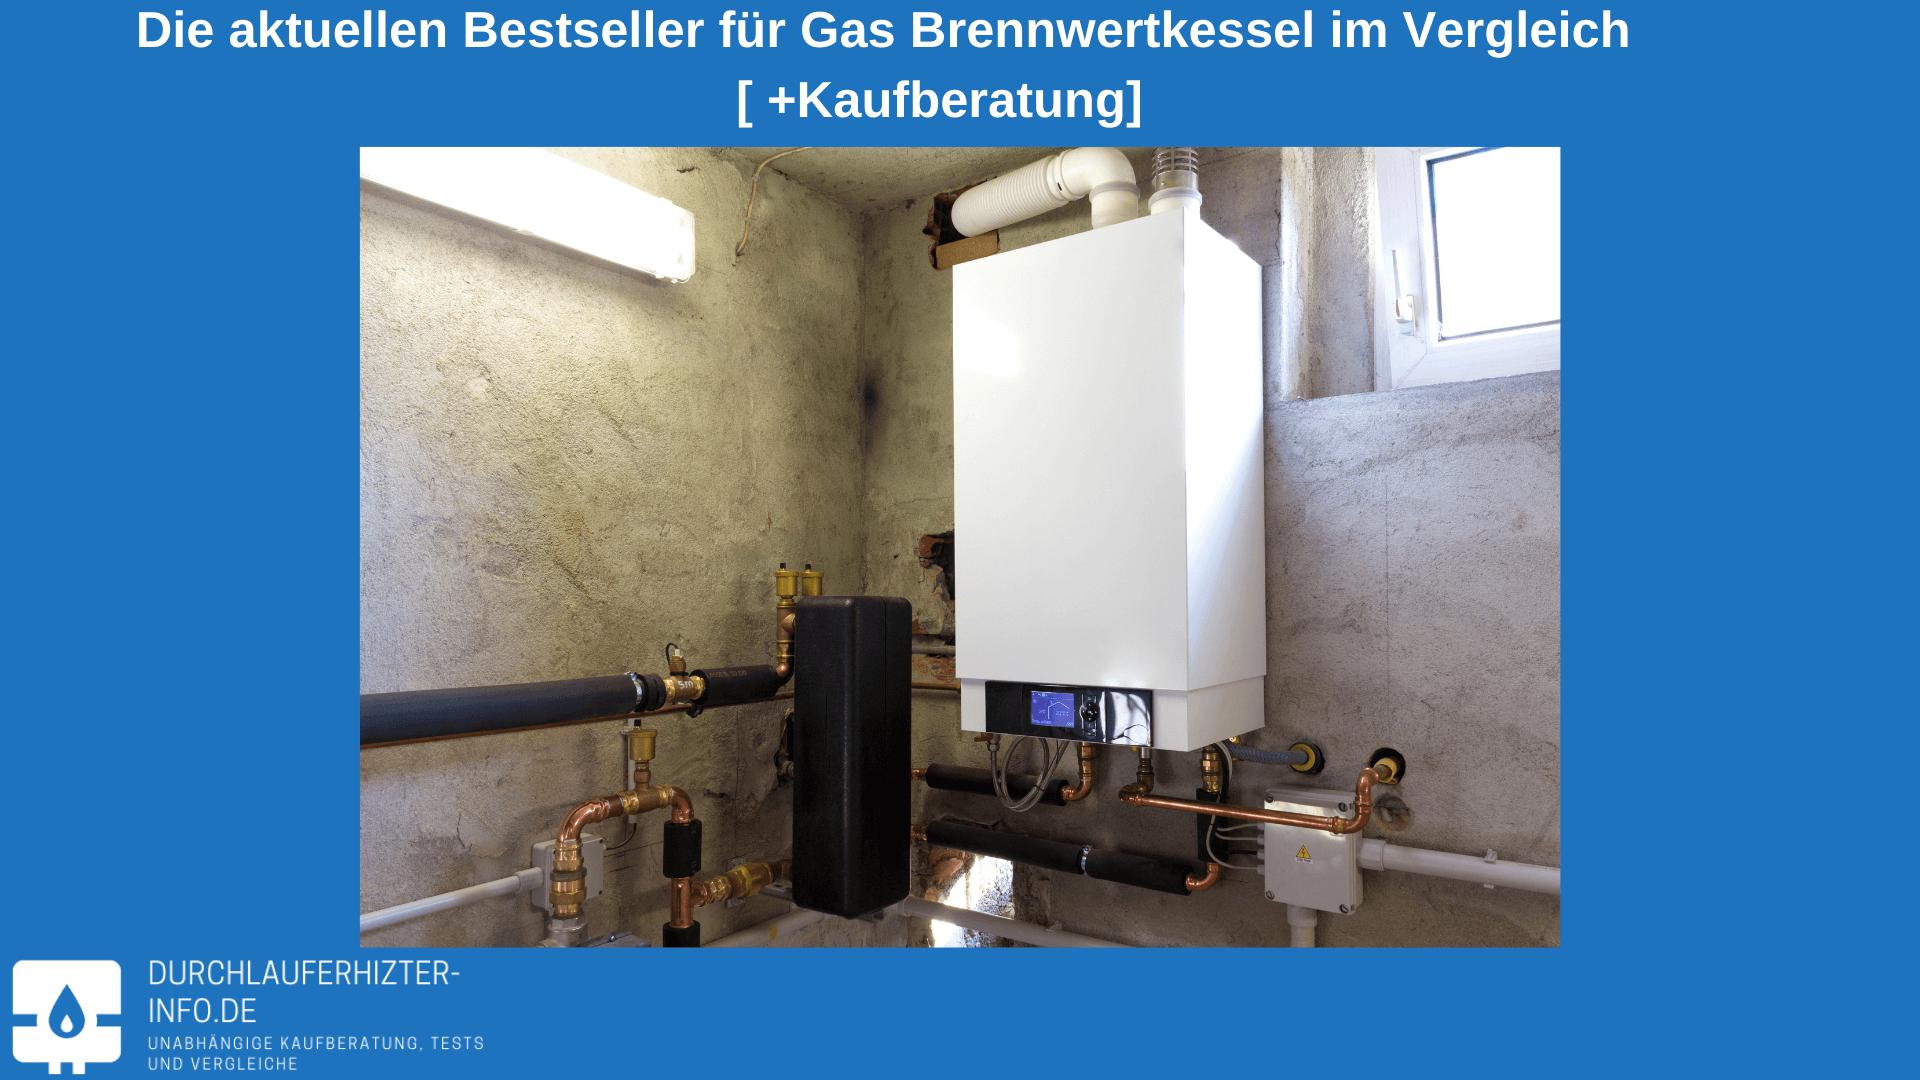 gas brennwertkessel test